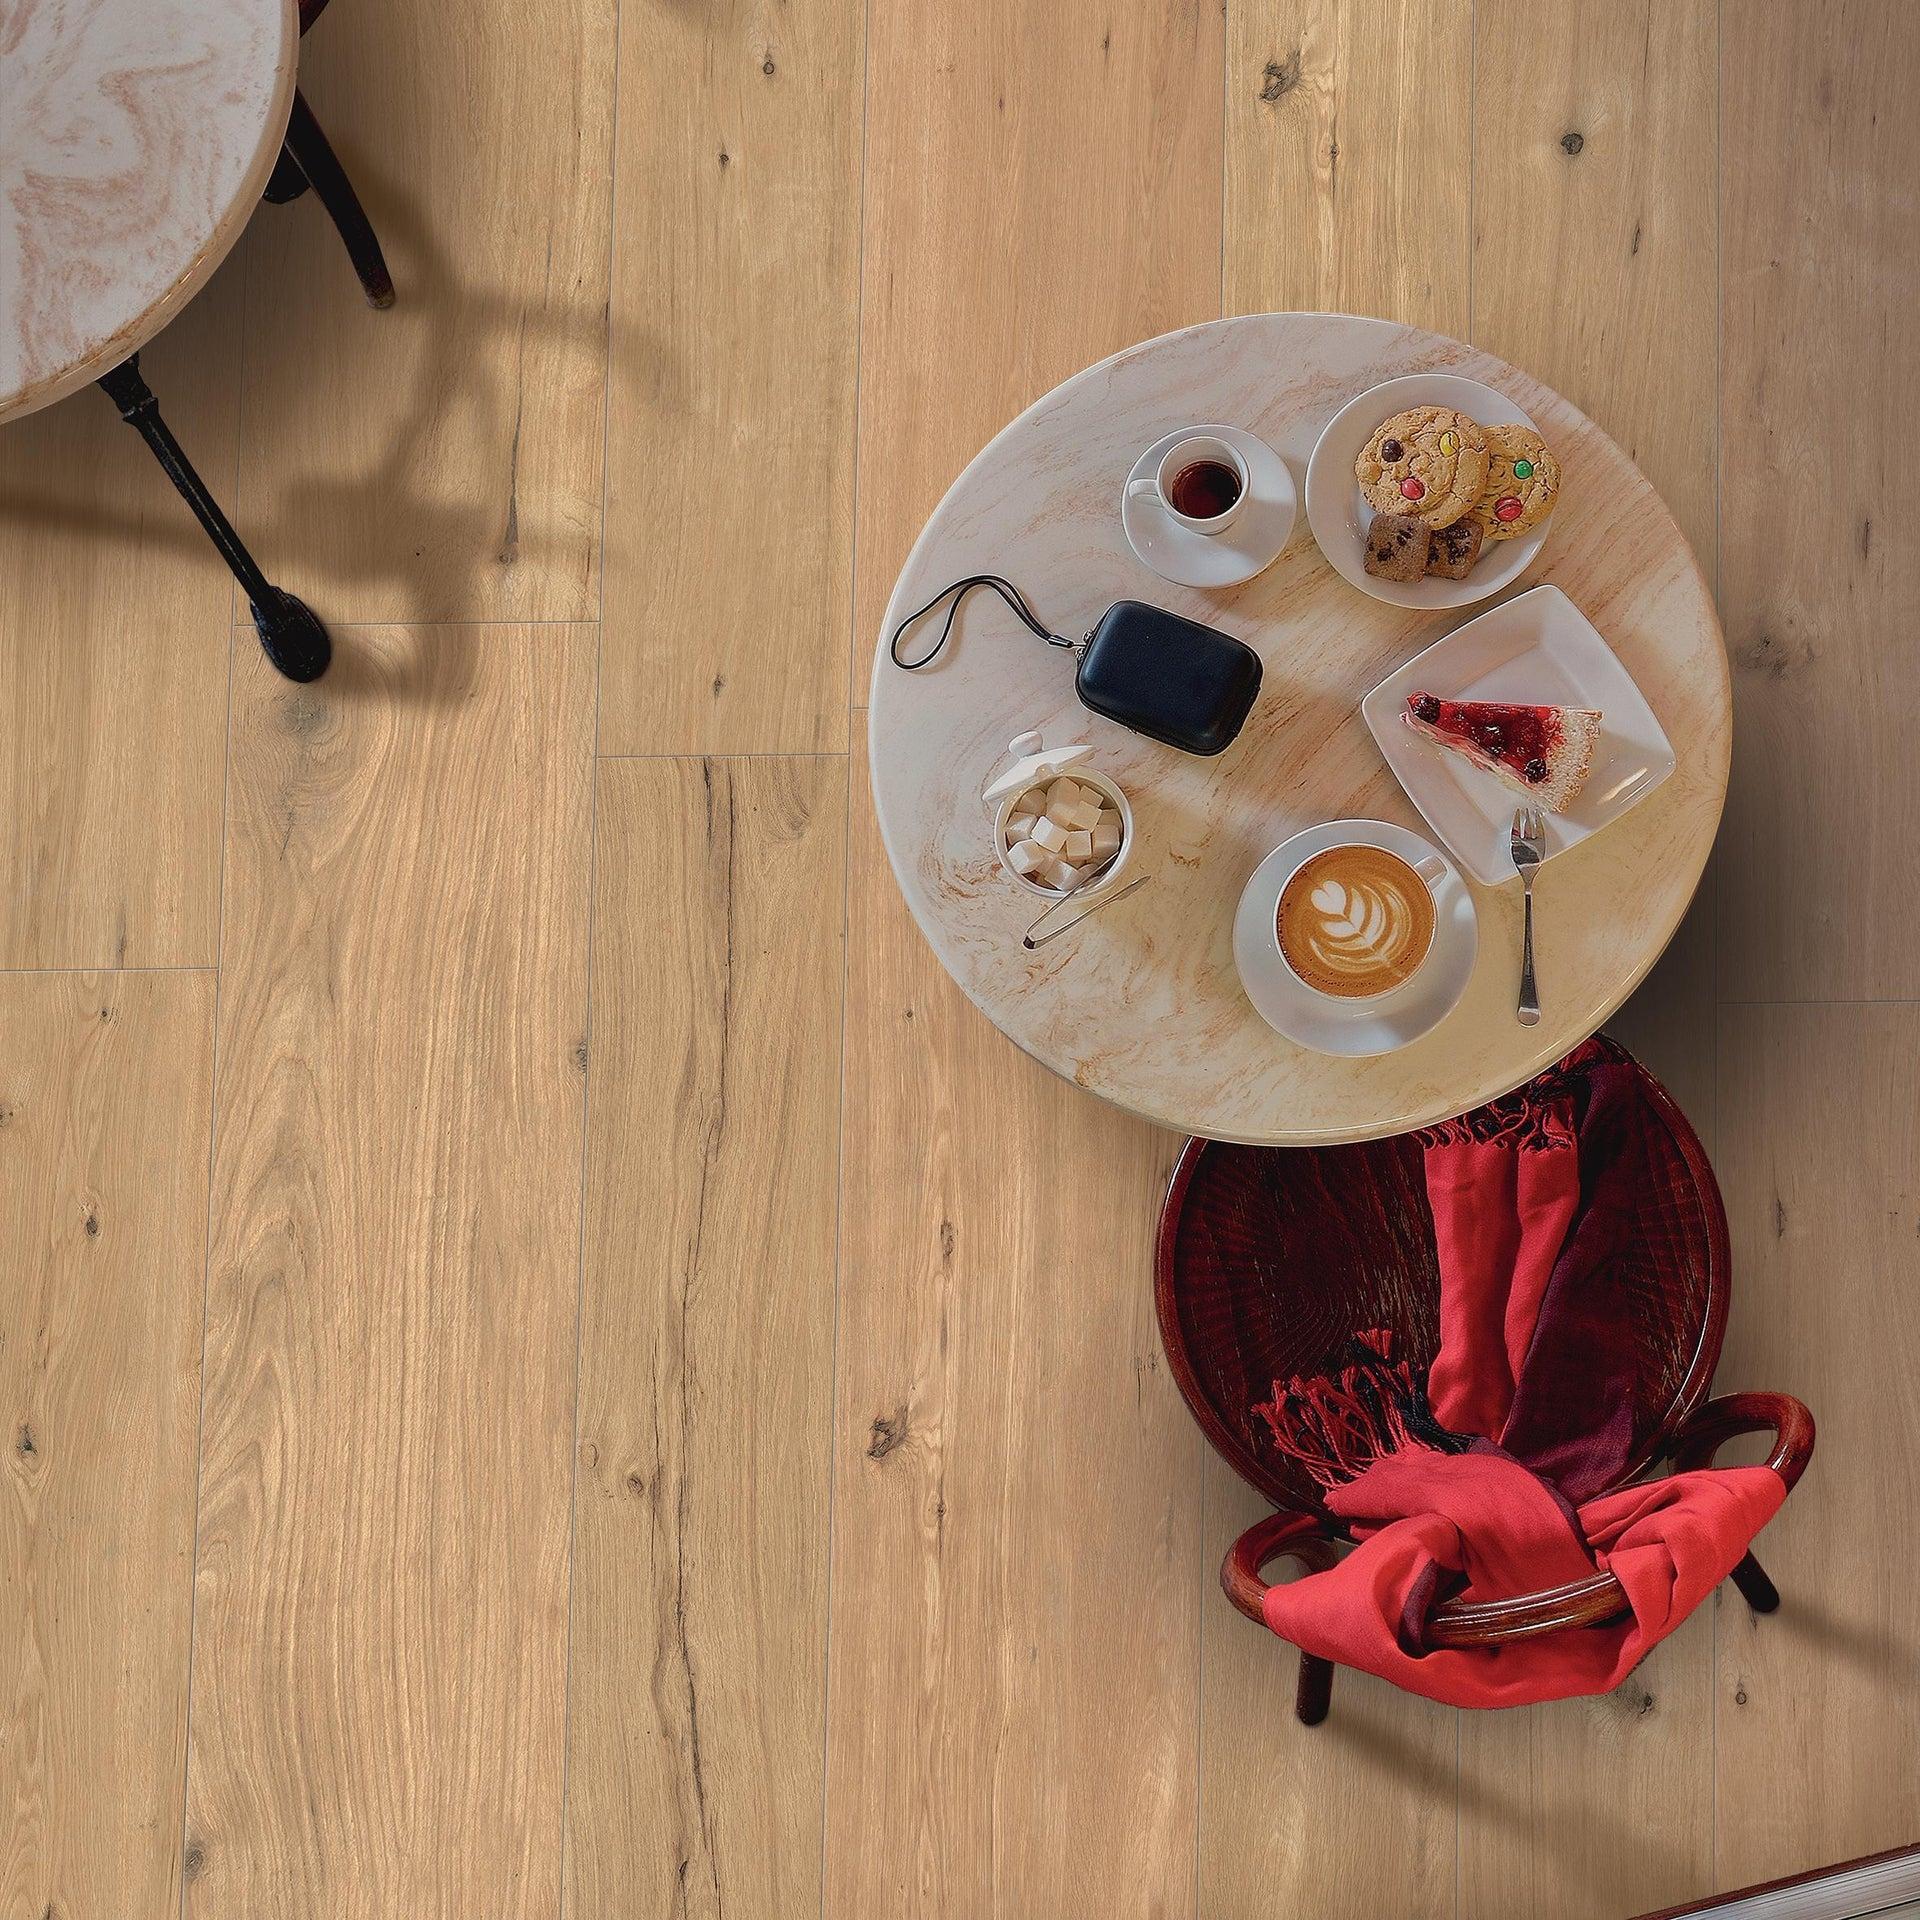 Piastrella Pad 15 x 90 cm sp. 10 mm PEI 4/5 beige - 3